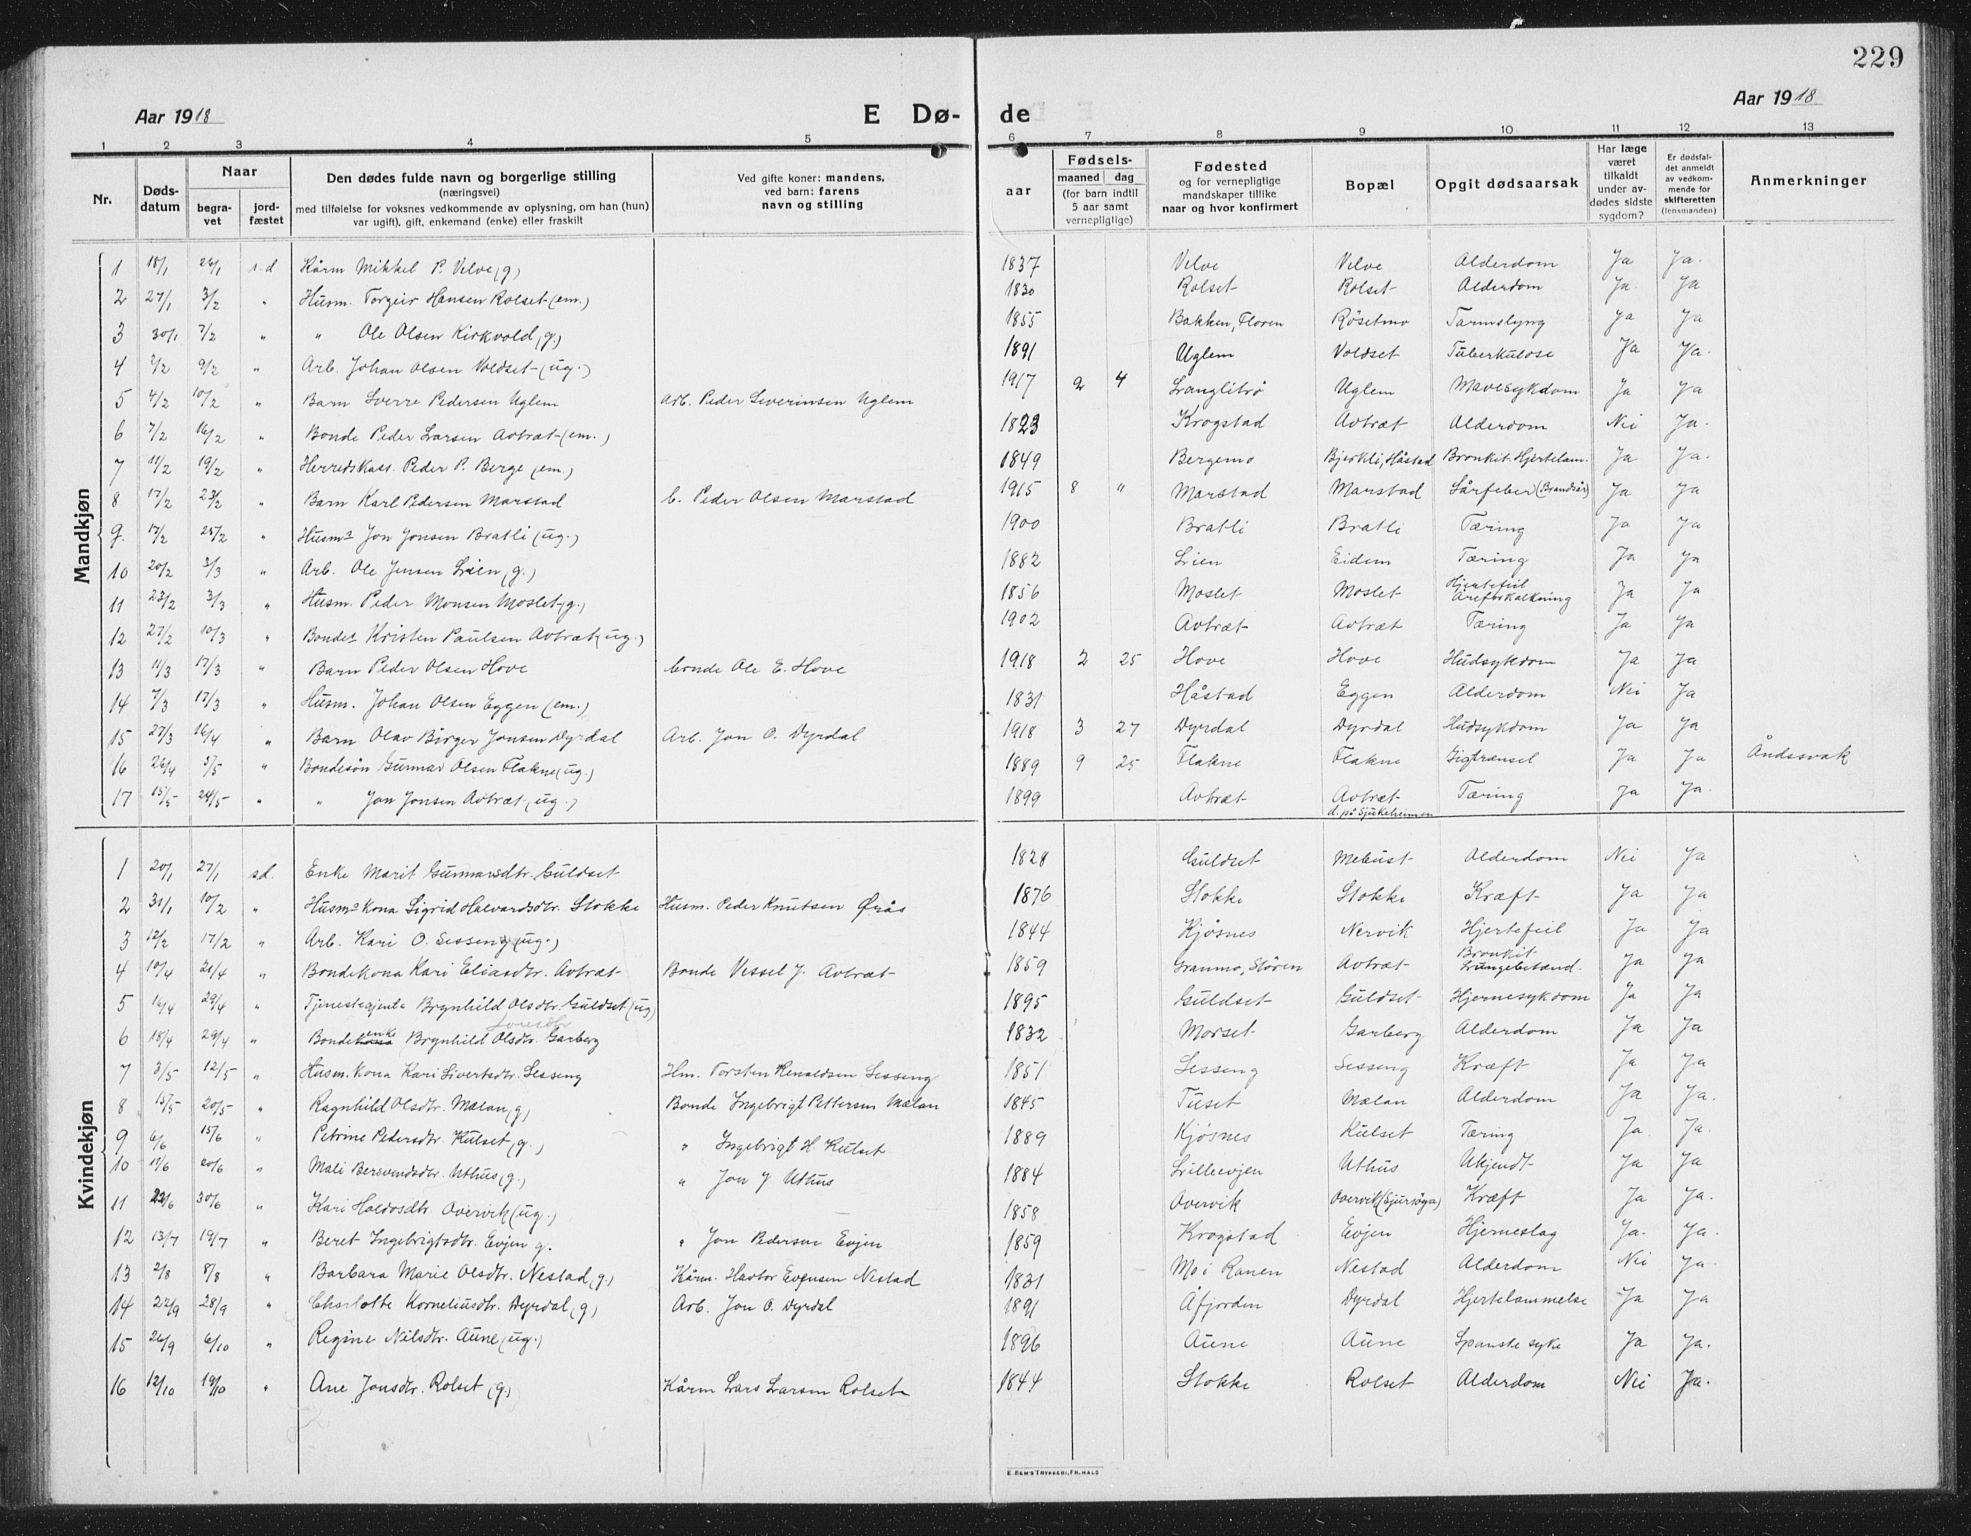 SAT, Ministerialprotokoller, klokkerbøker og fødselsregistre - Sør-Trøndelag, 695/L1158: Klokkerbok nr. 695C09, 1913-1940, s. 229